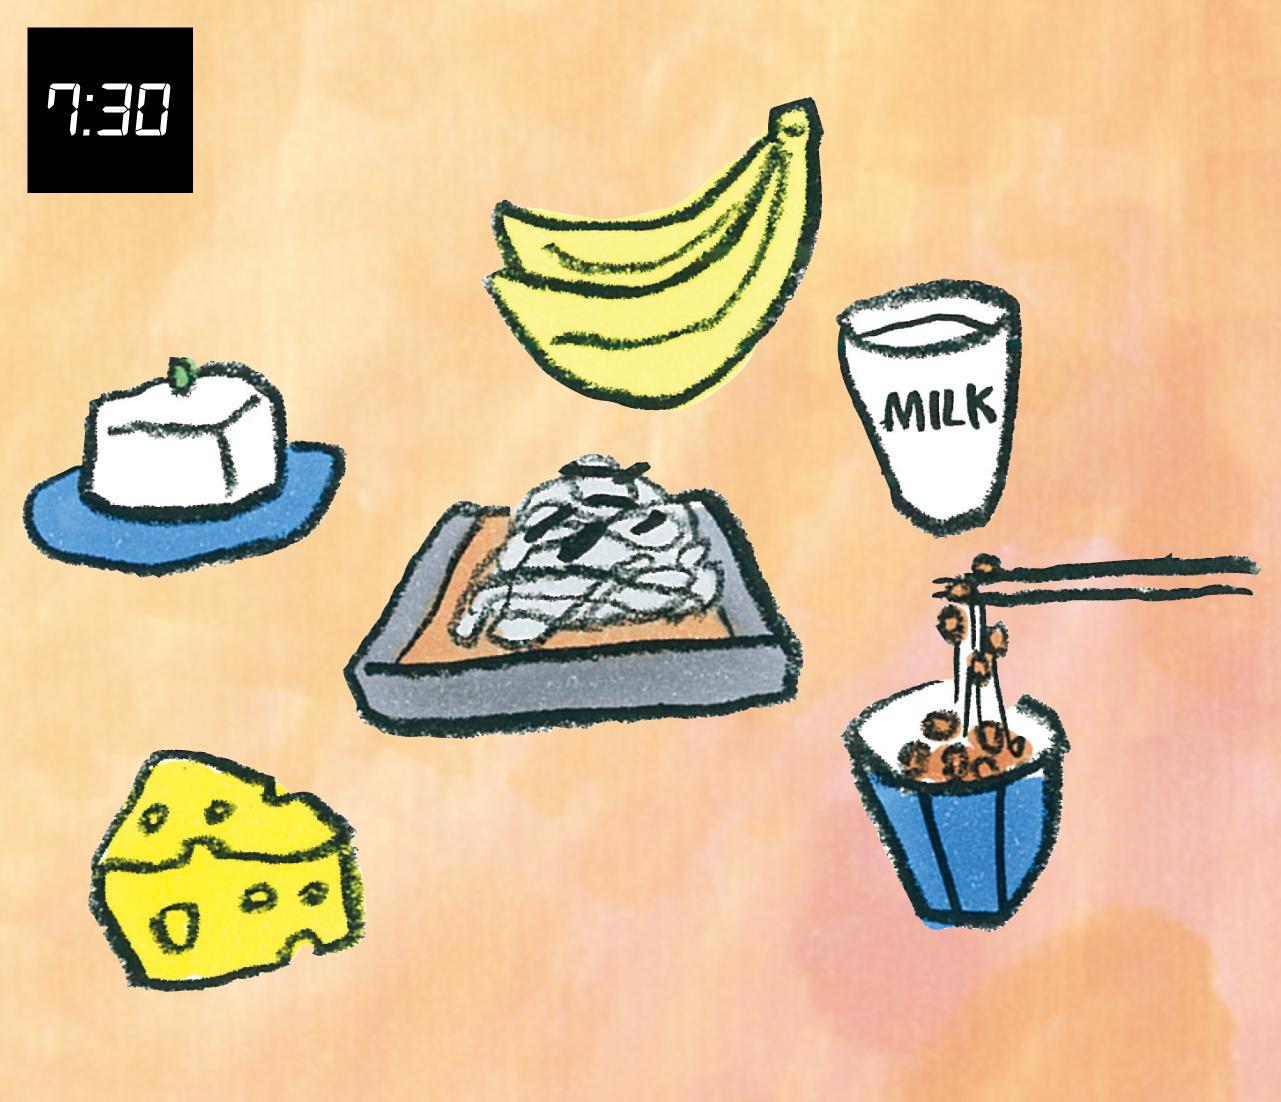 7:30 朝食でトリプトファンを含む食品をとり夜の睡眠の質を高める